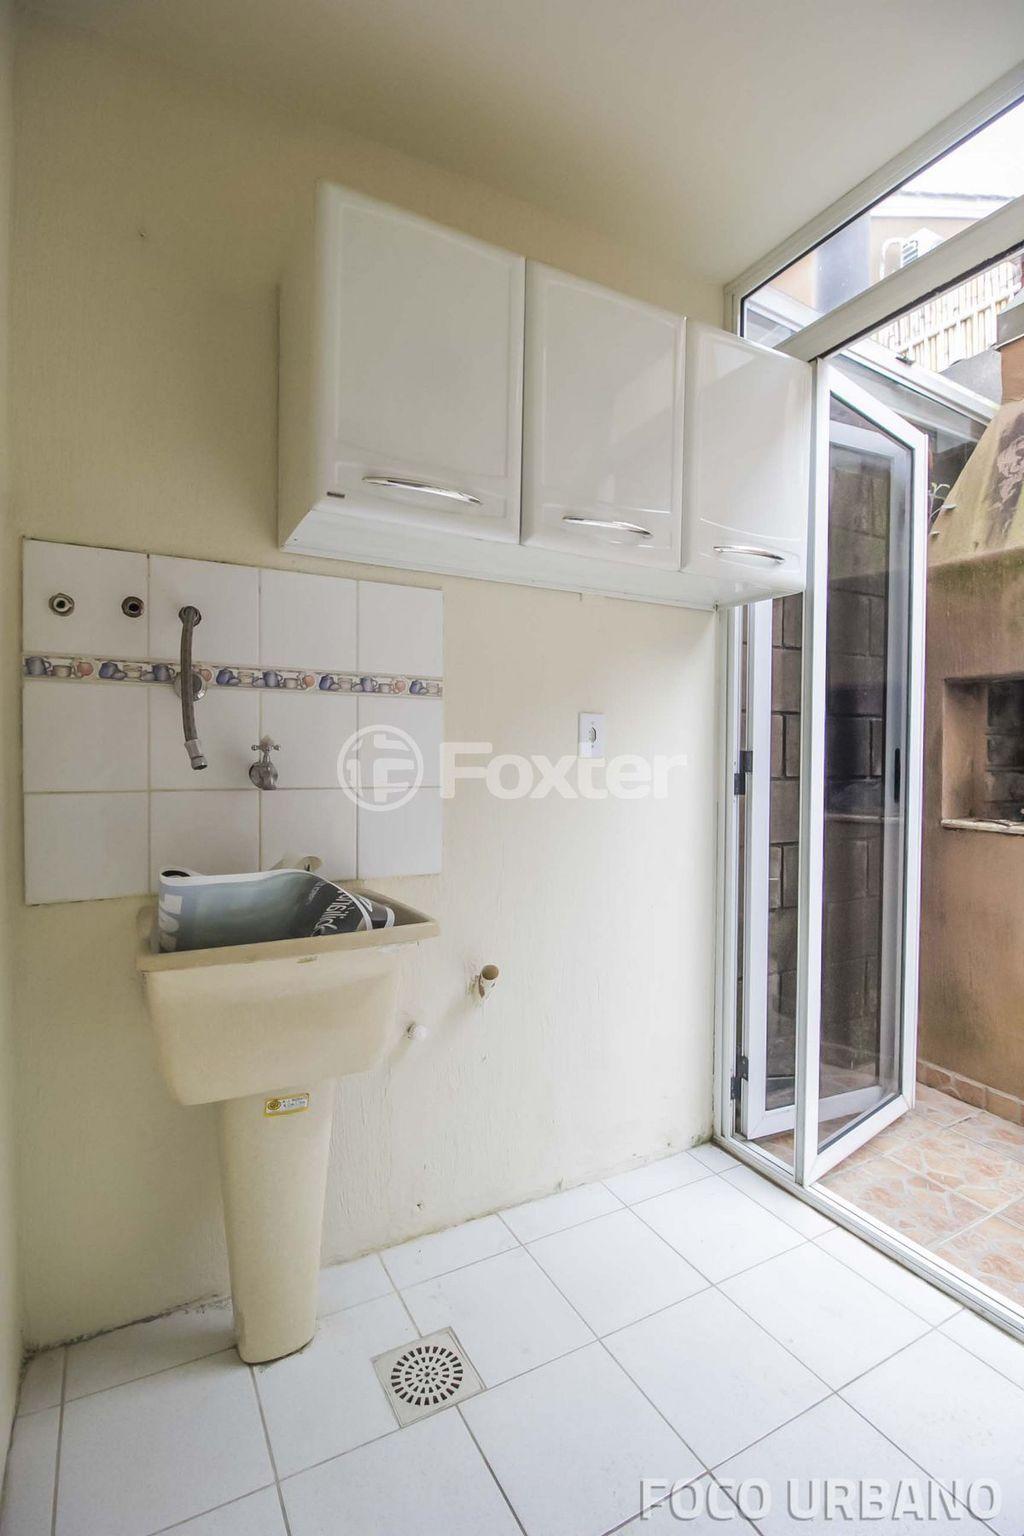 Foxter Imobiliária - Casa 3 Dorm, Protásio Alves - Foto 16